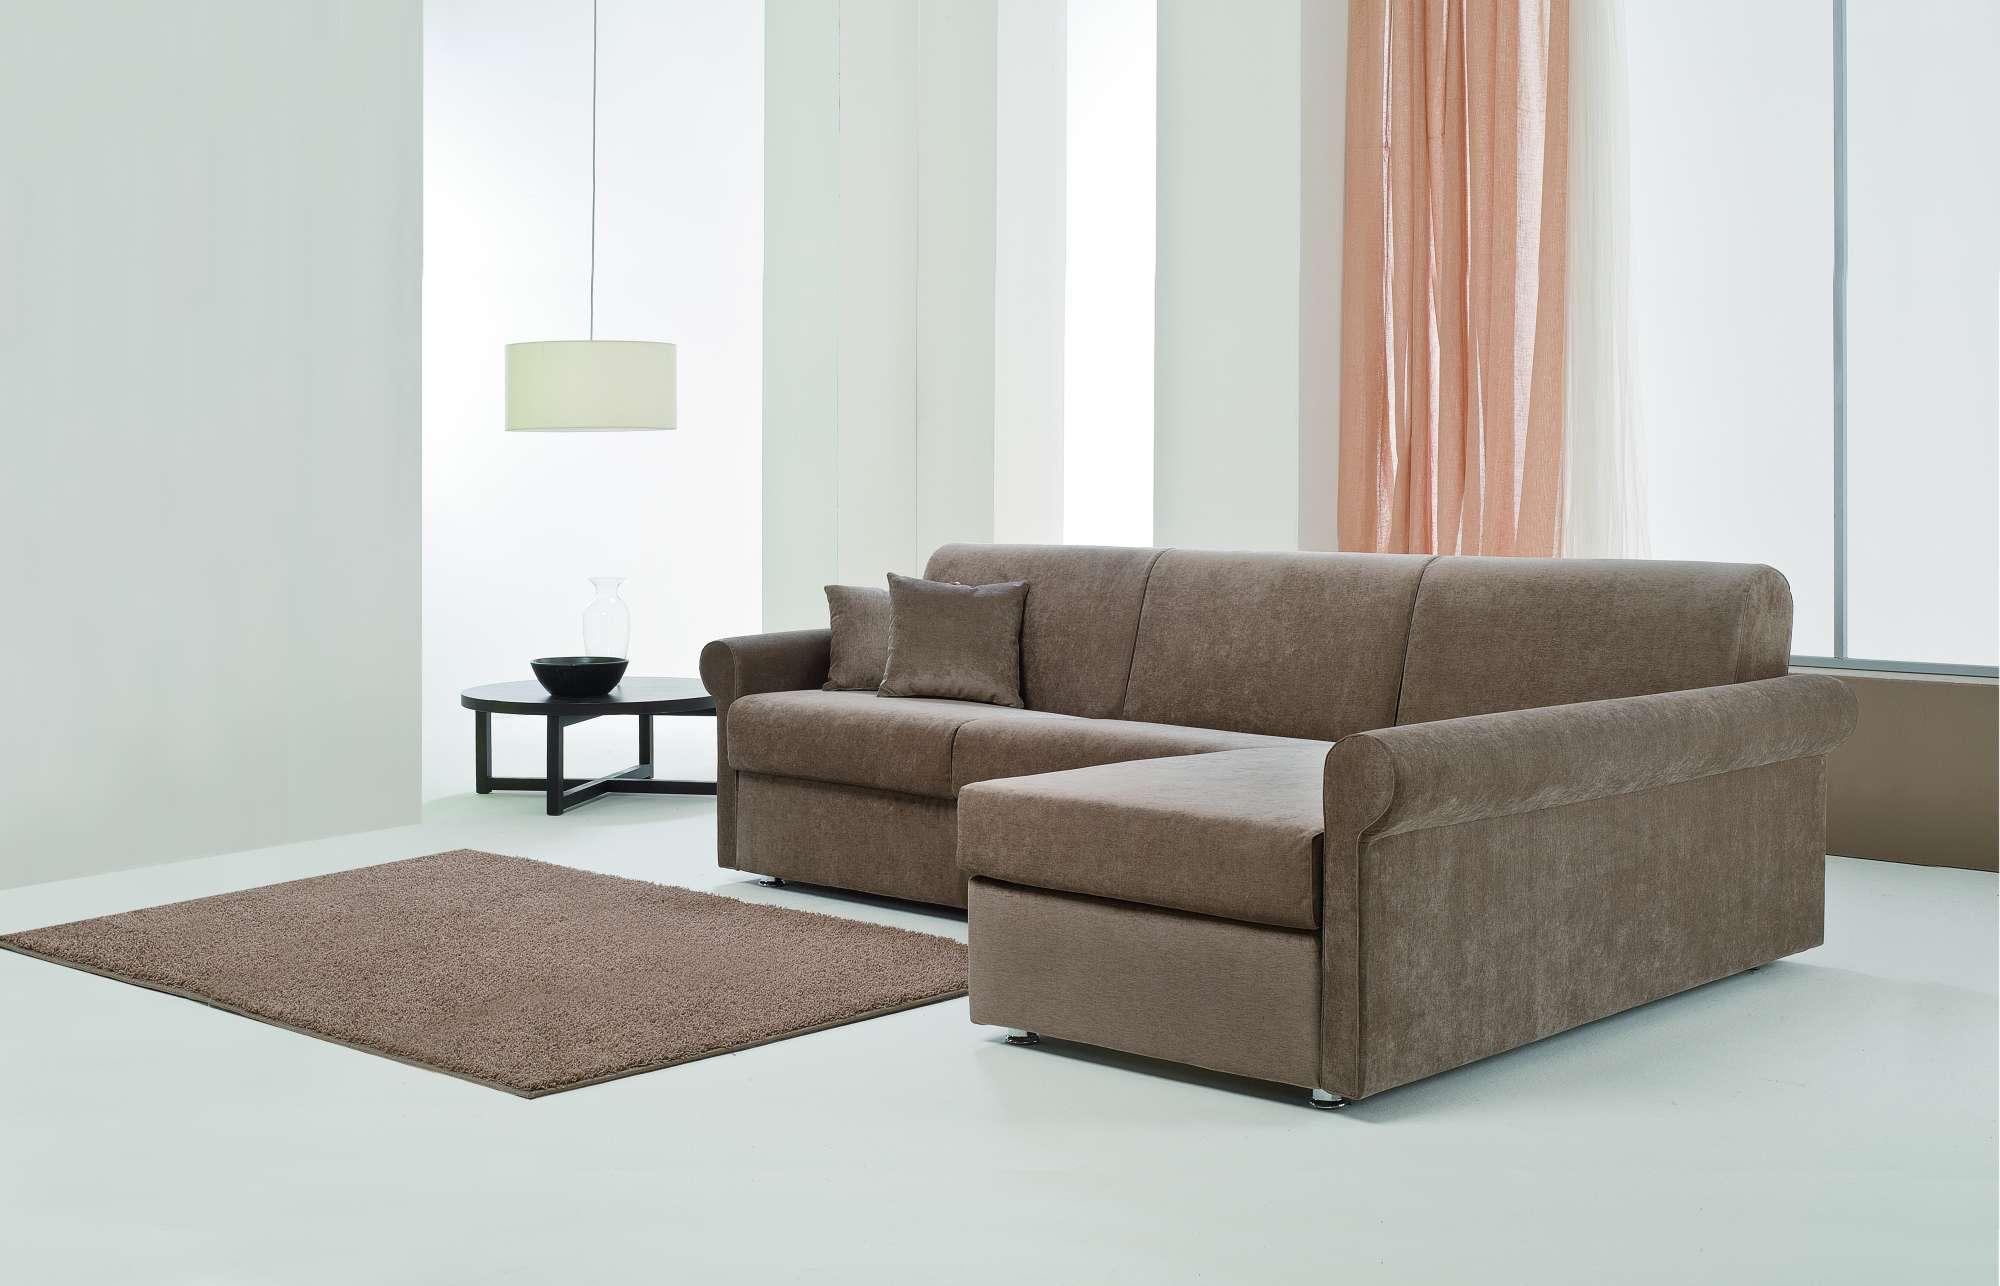 Sinfony divani letto con chaise longue collezione moderni - Divani letto chaise longue ...